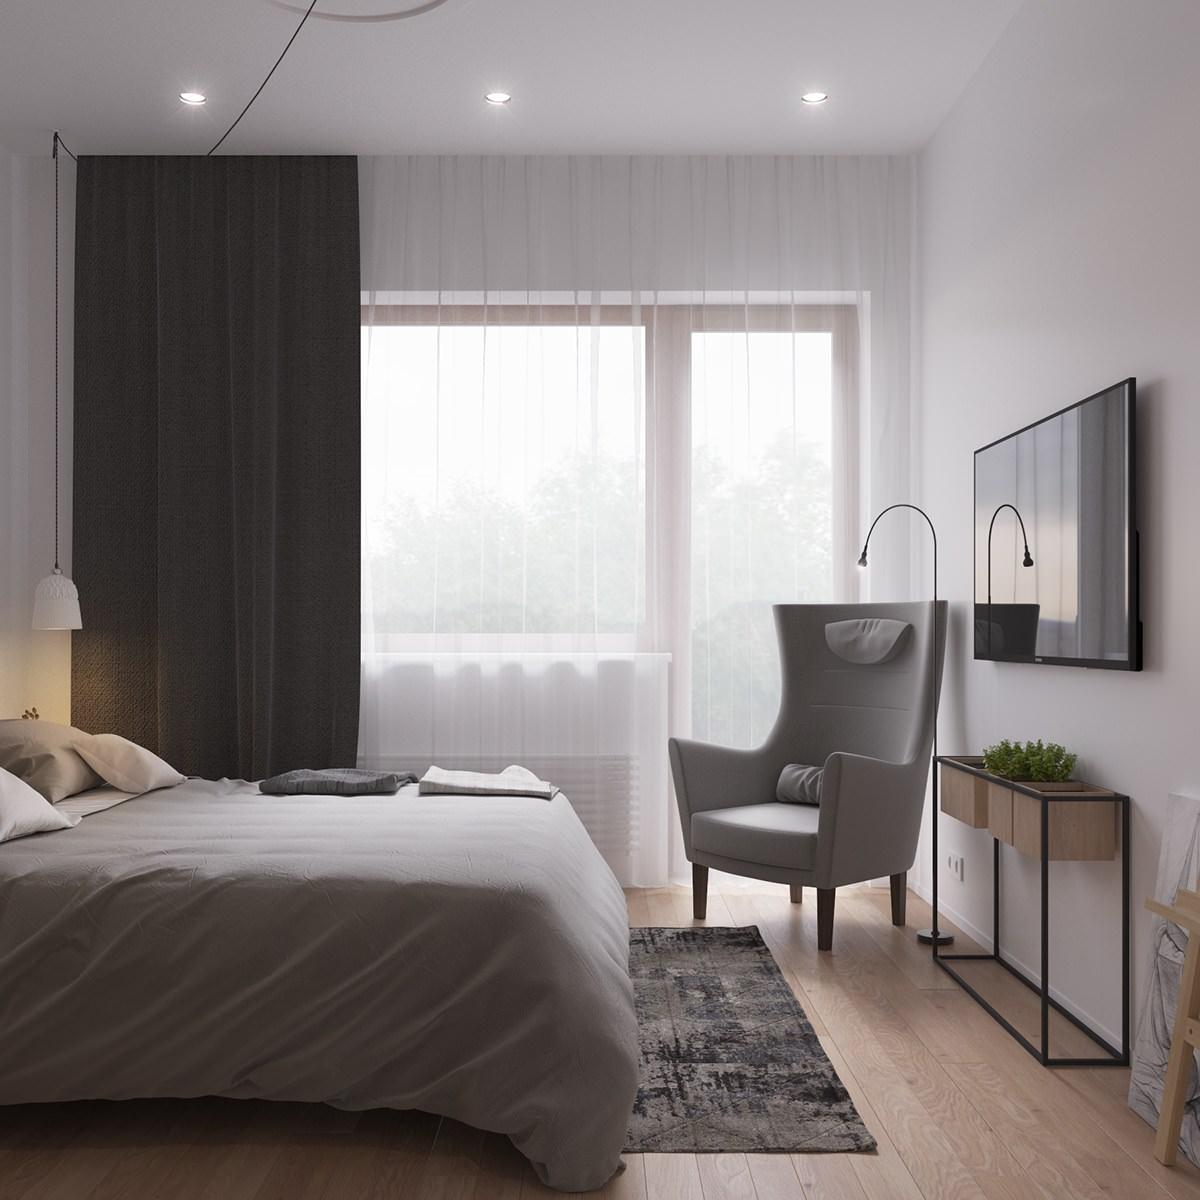 Design Scandinavo Camera Da Letto.Originale Appartamento In Stile Scandinavo Moderno Ed Elegante